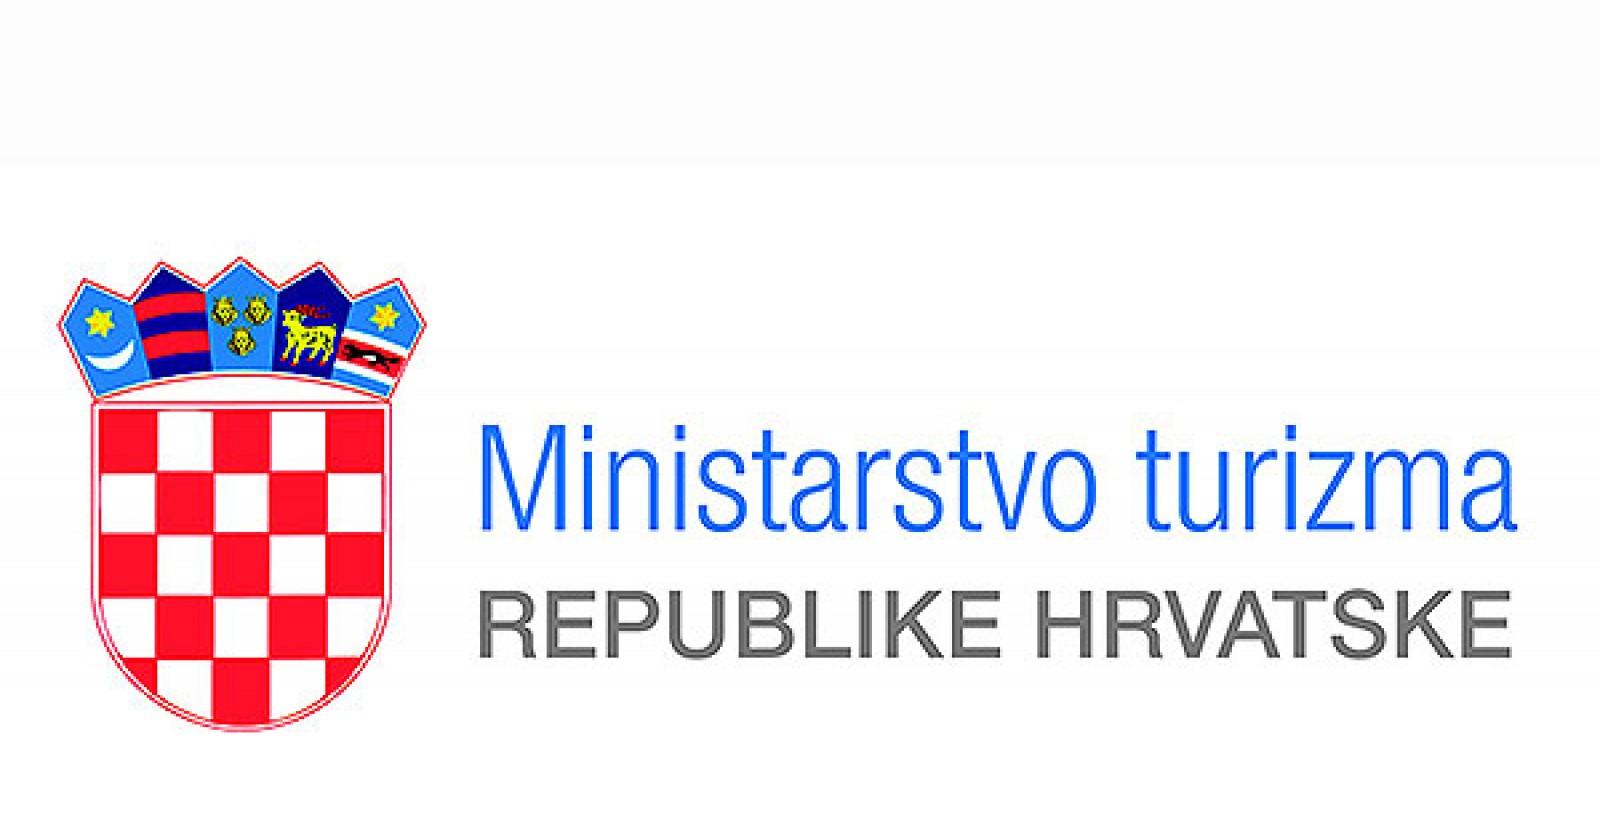 Slikovni rezultat za ministarstvo turizma